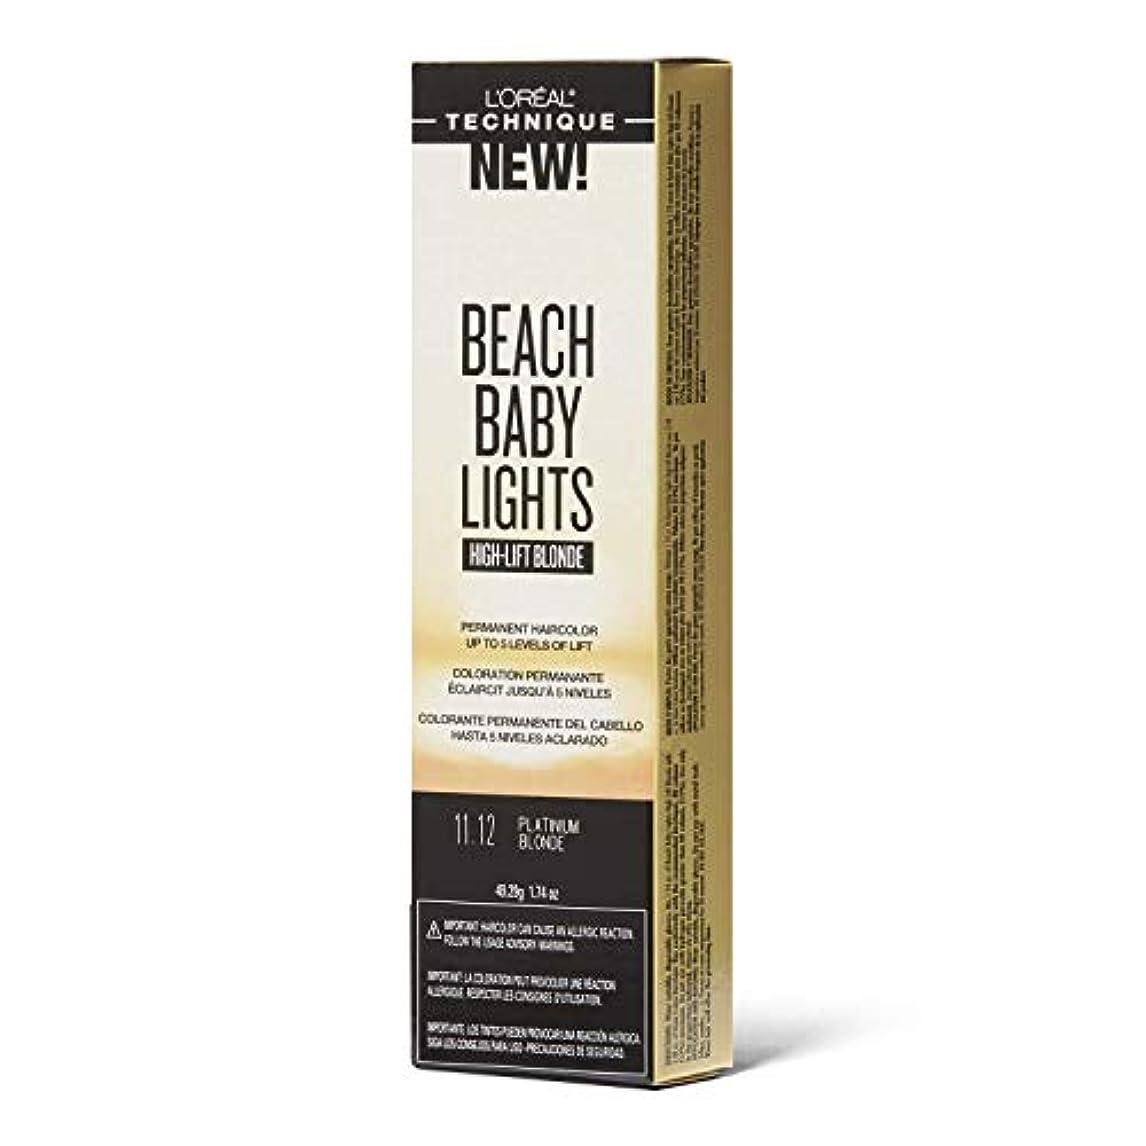 ごめんなさい癌カプラーL'Oreal Paris L'Orealのビーチ赤ちゃんライトハイリフトプラチナブロンド11.12プラチナブロンド